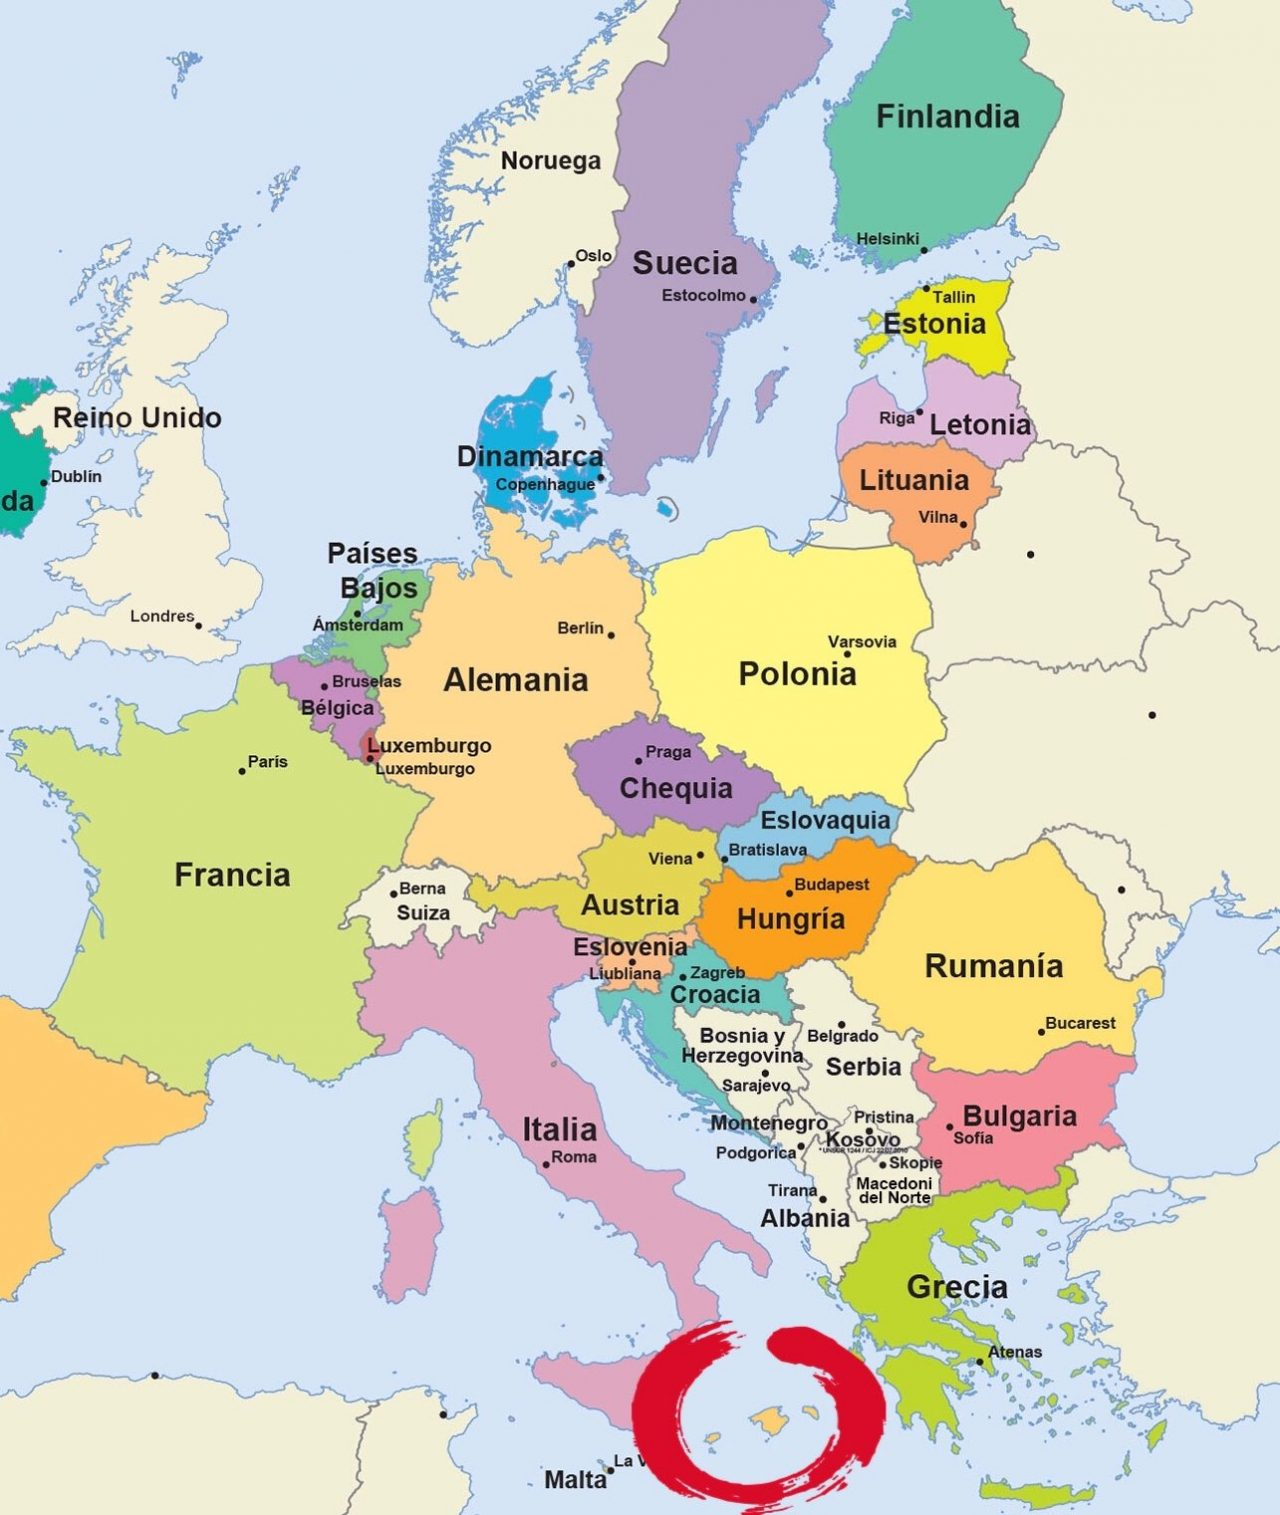 ¿Qué edad teníais cuando descubristeis que Baleares está mucho mas lejos pero lo ponen ahí para que quepa en el mapa?